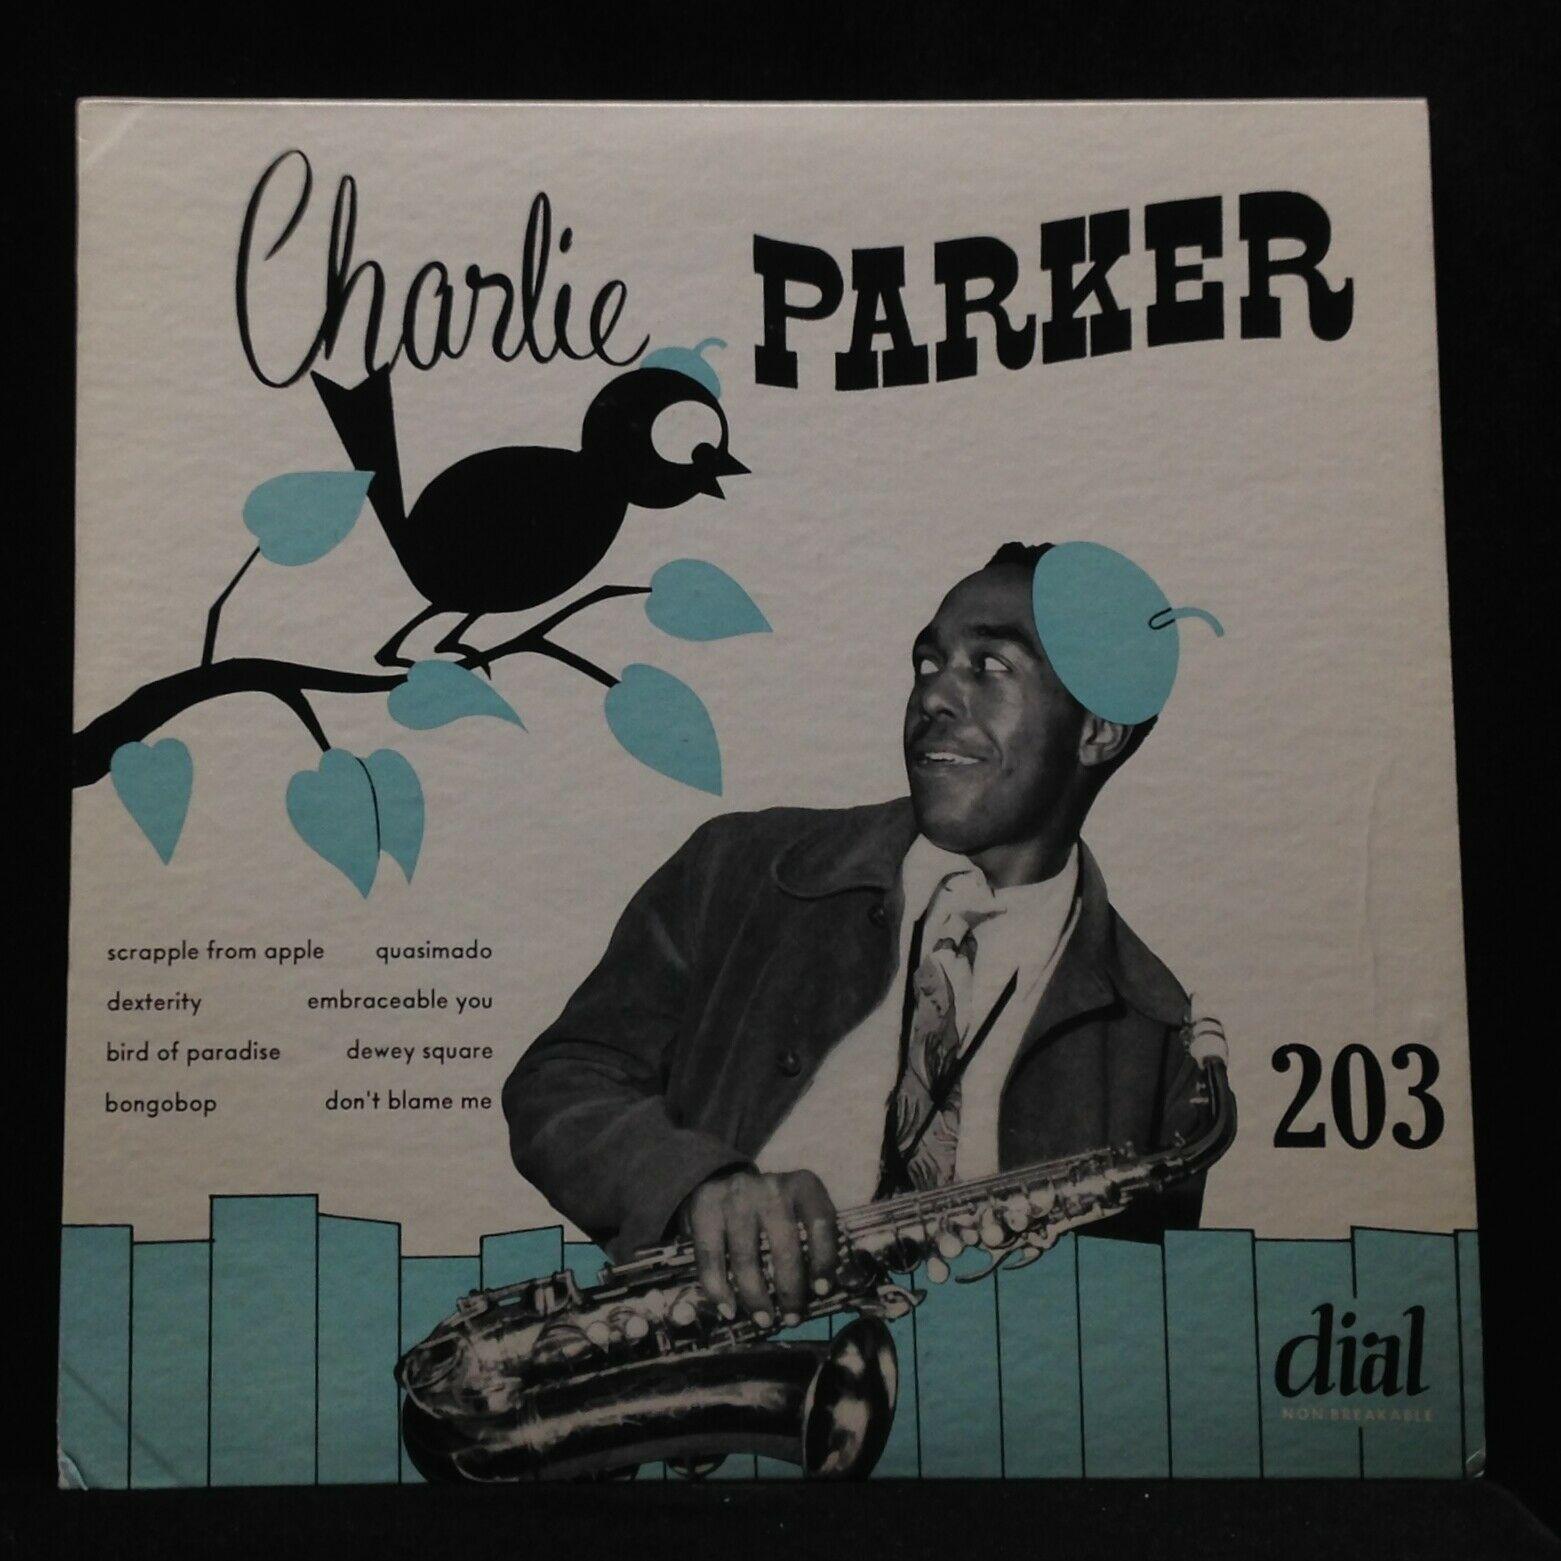 Charlie Parker Quintet/Sextet-No. 3-Dial 203-10 INCH ORIG SUPERB